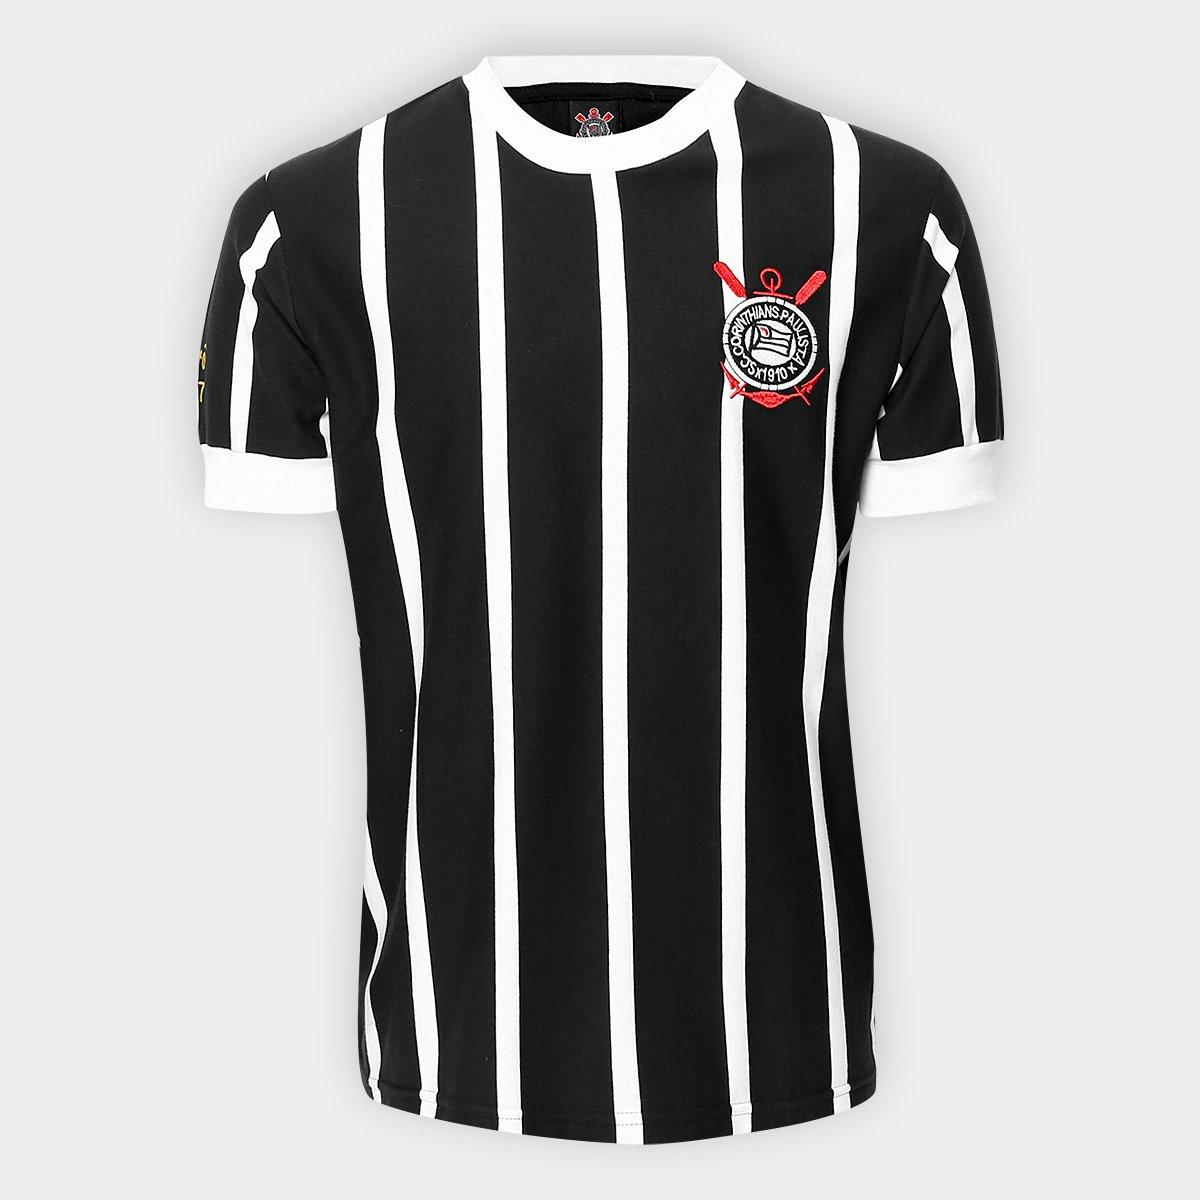 63a38e2b00 Camisa Retrô Corinthians Réplica 1977 Masculina